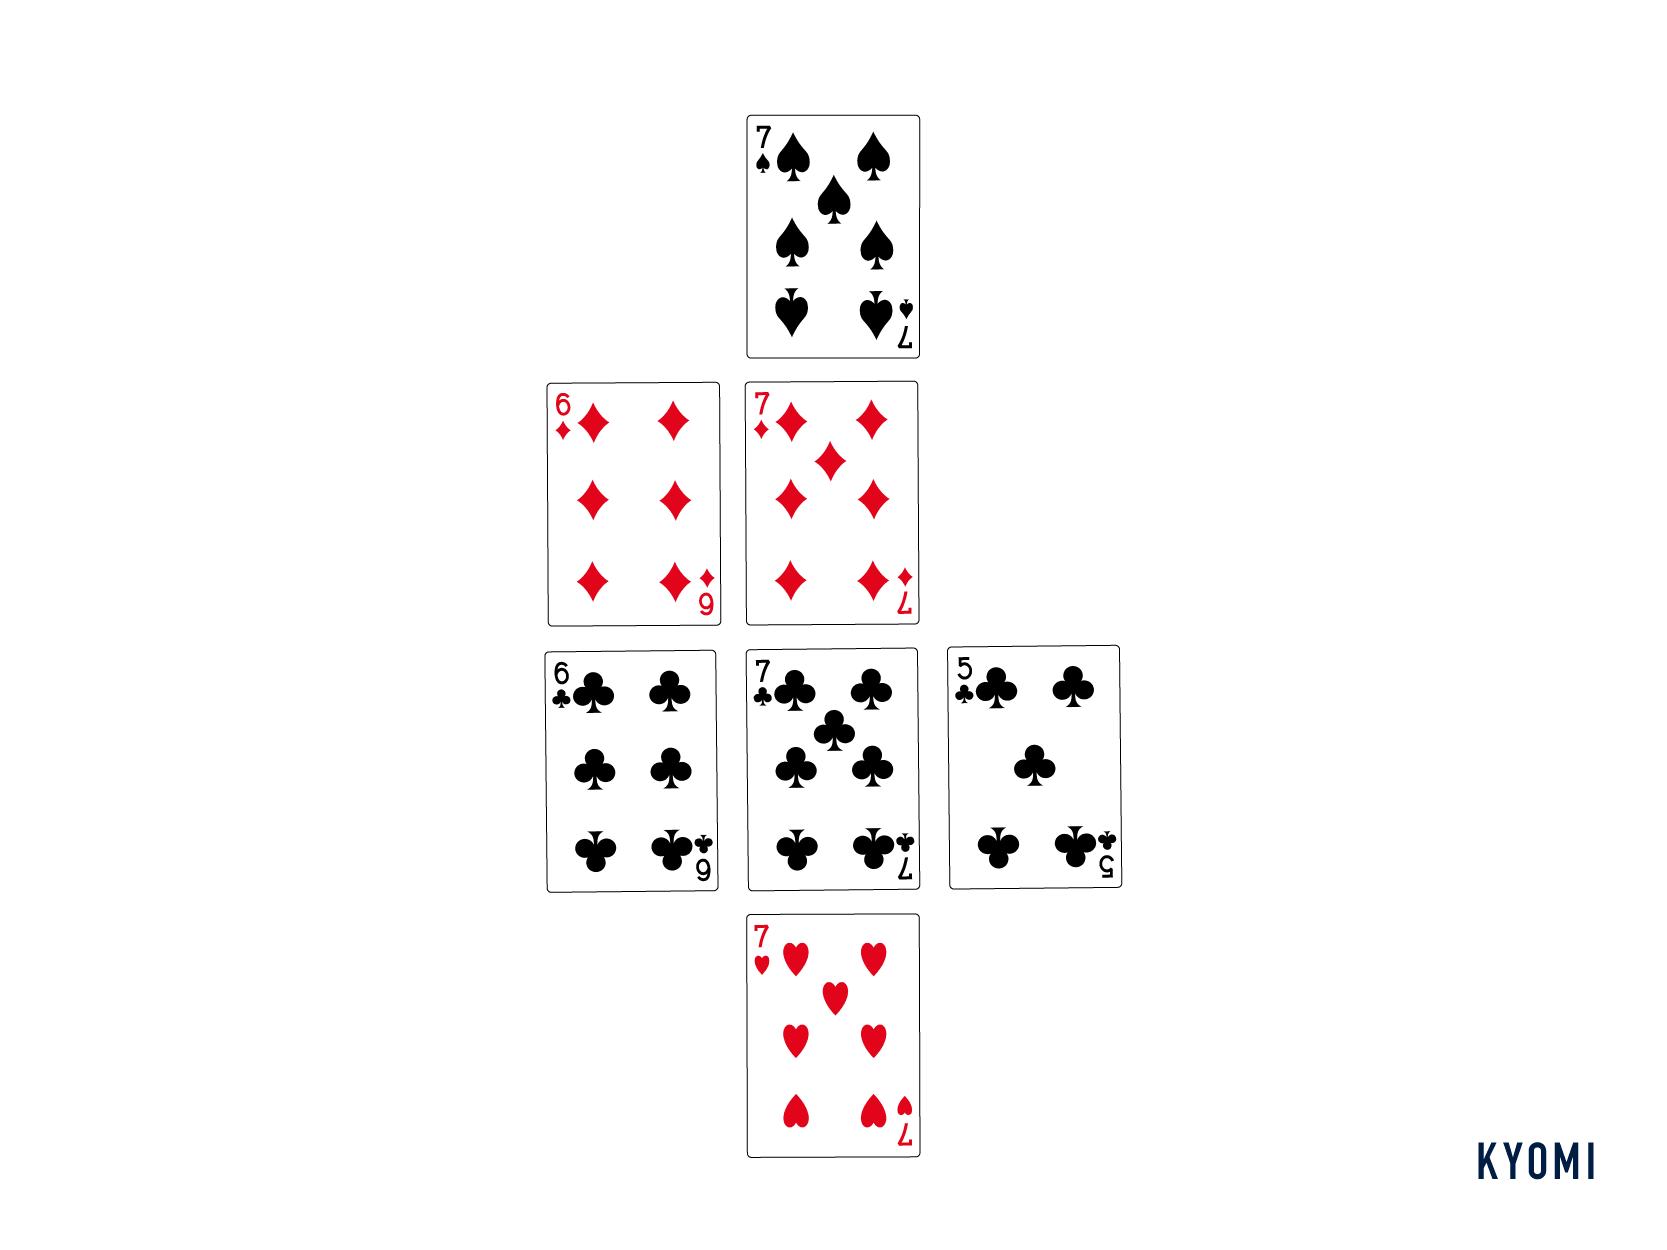 七並べ-図-並べ方